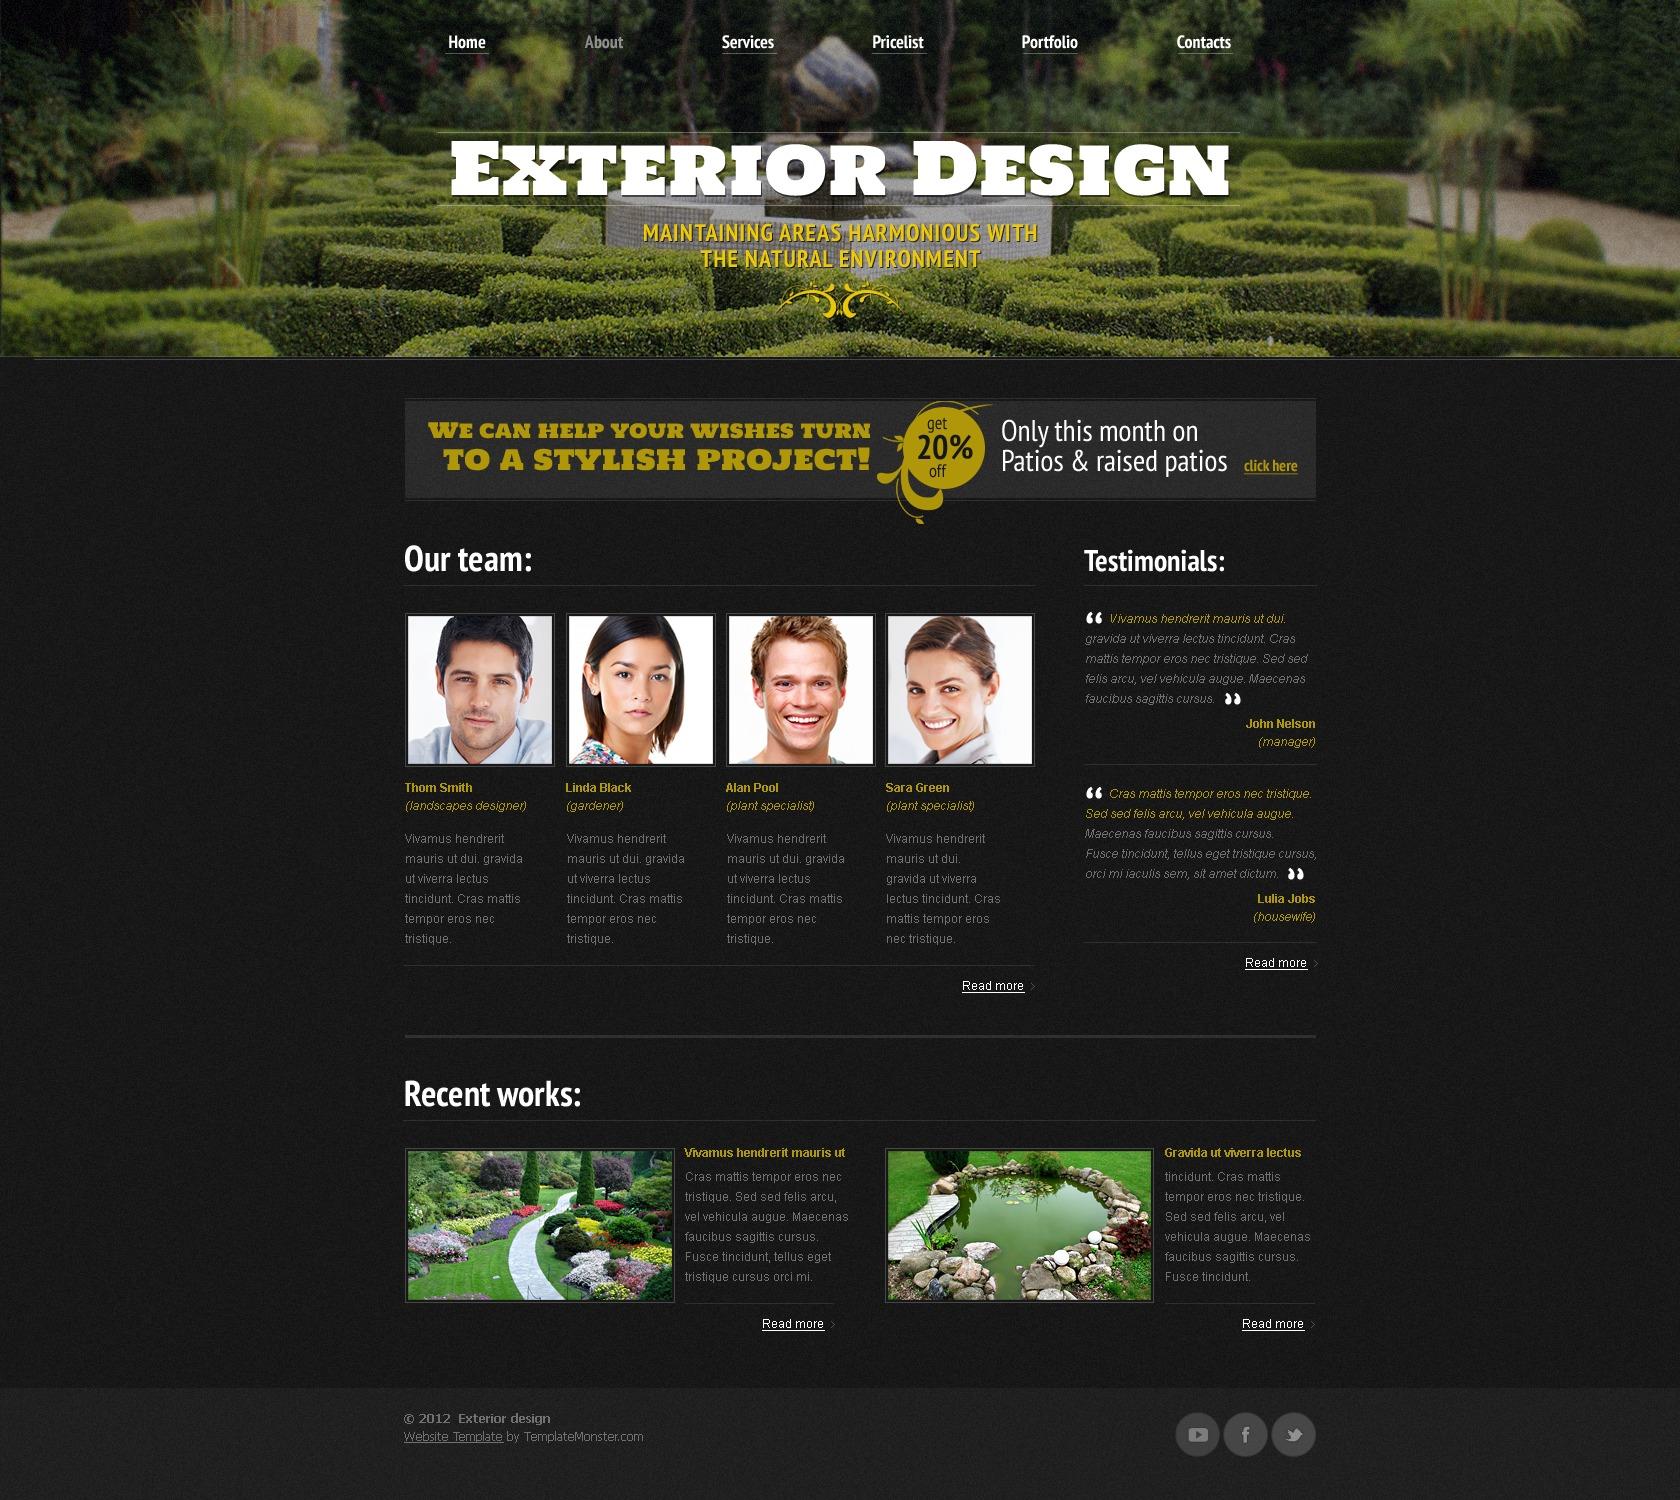 Free Website Template - Exterior Design Website Template - screenshot